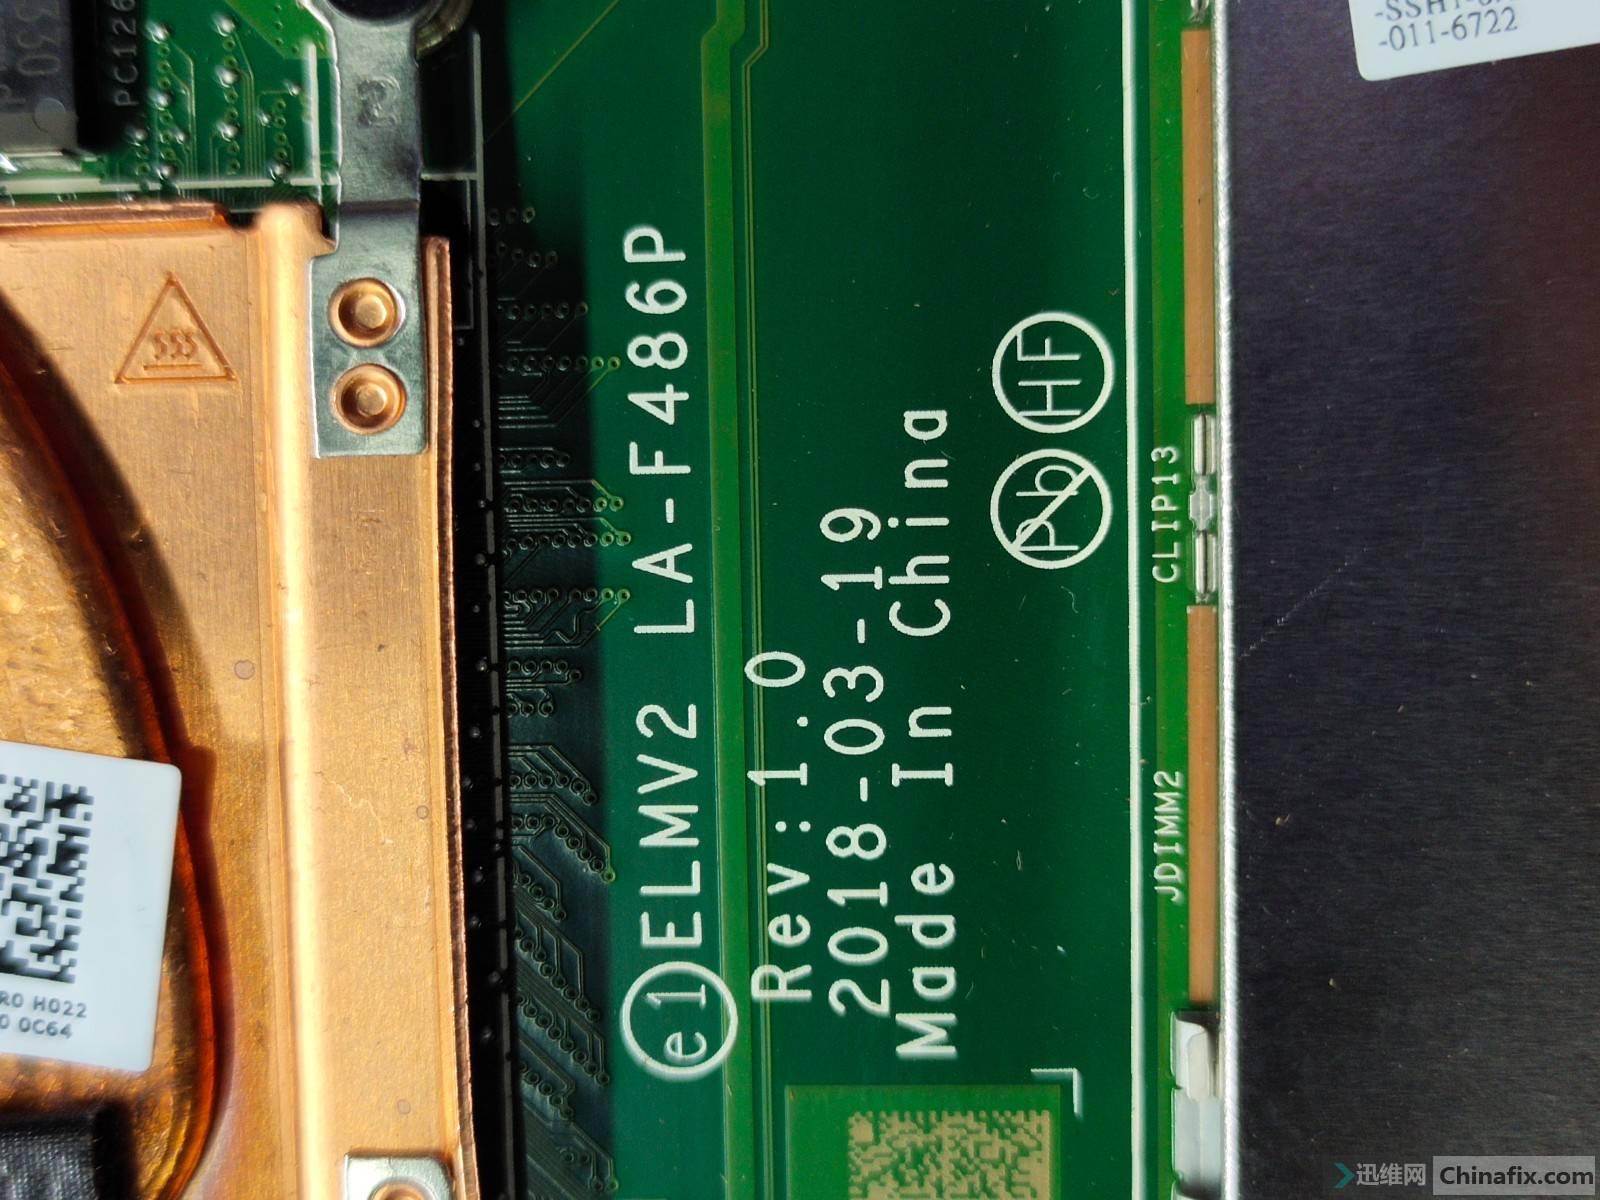 6AB574669C7F59A633BAC8F350F99B93.JPG